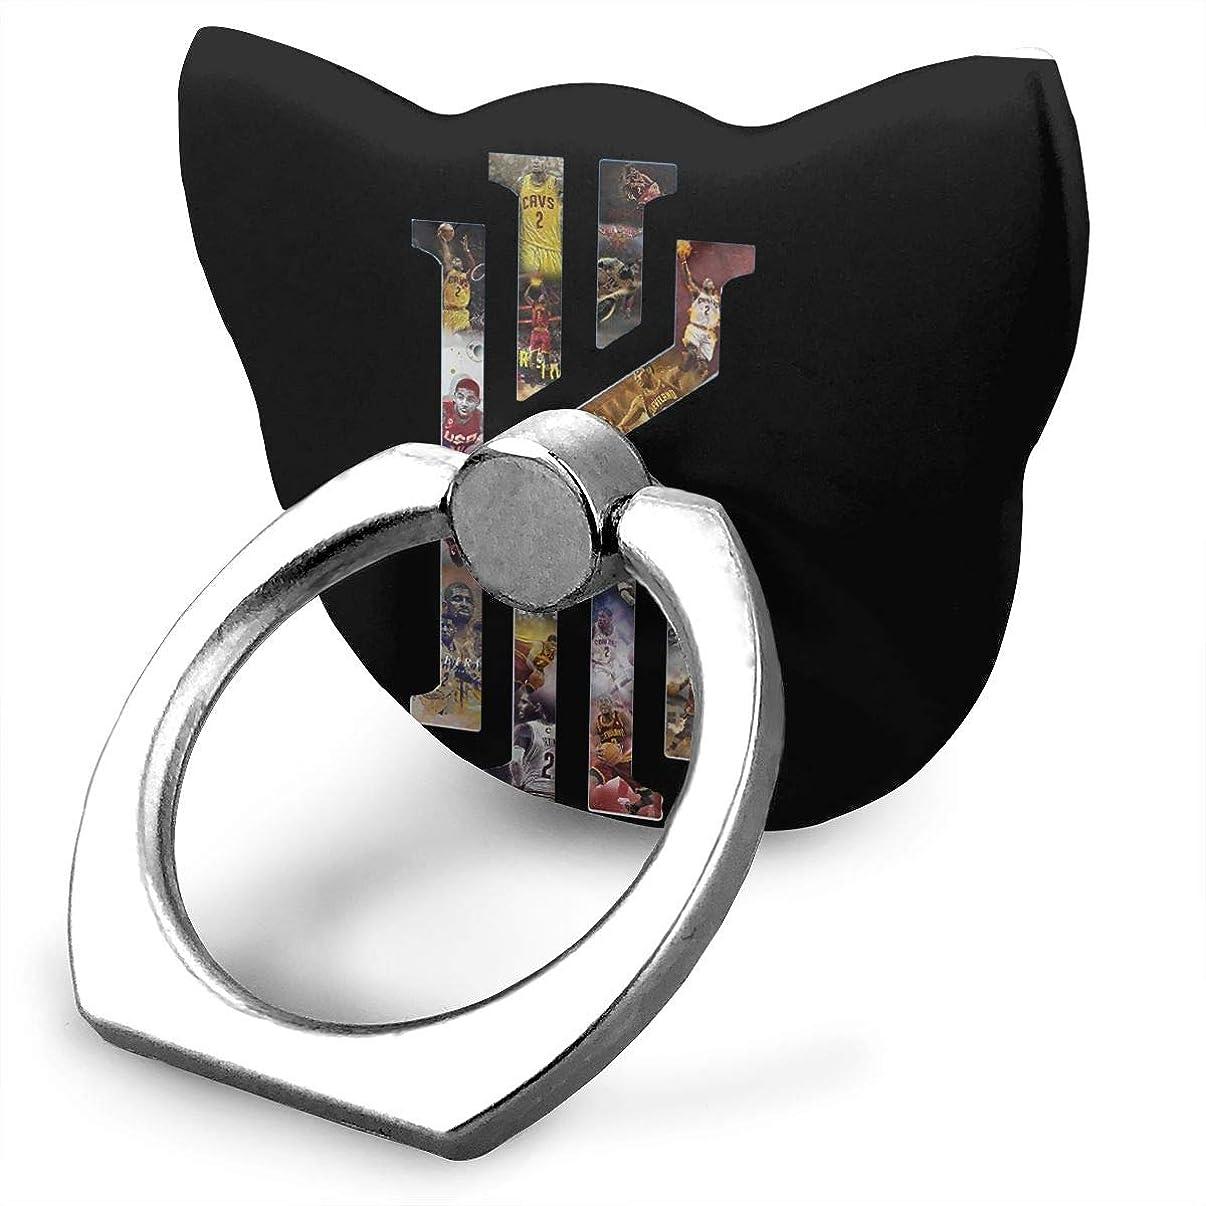 征服する簡単なカレッジバスケ選手 コービー?ブライアン スマホリング 猫耳 薄型 ネコ型 スマホ りんぐ ホルダー 強吸着力 落下防止 携帯リング 360° 角度調整 IPhone/Android各種他対応